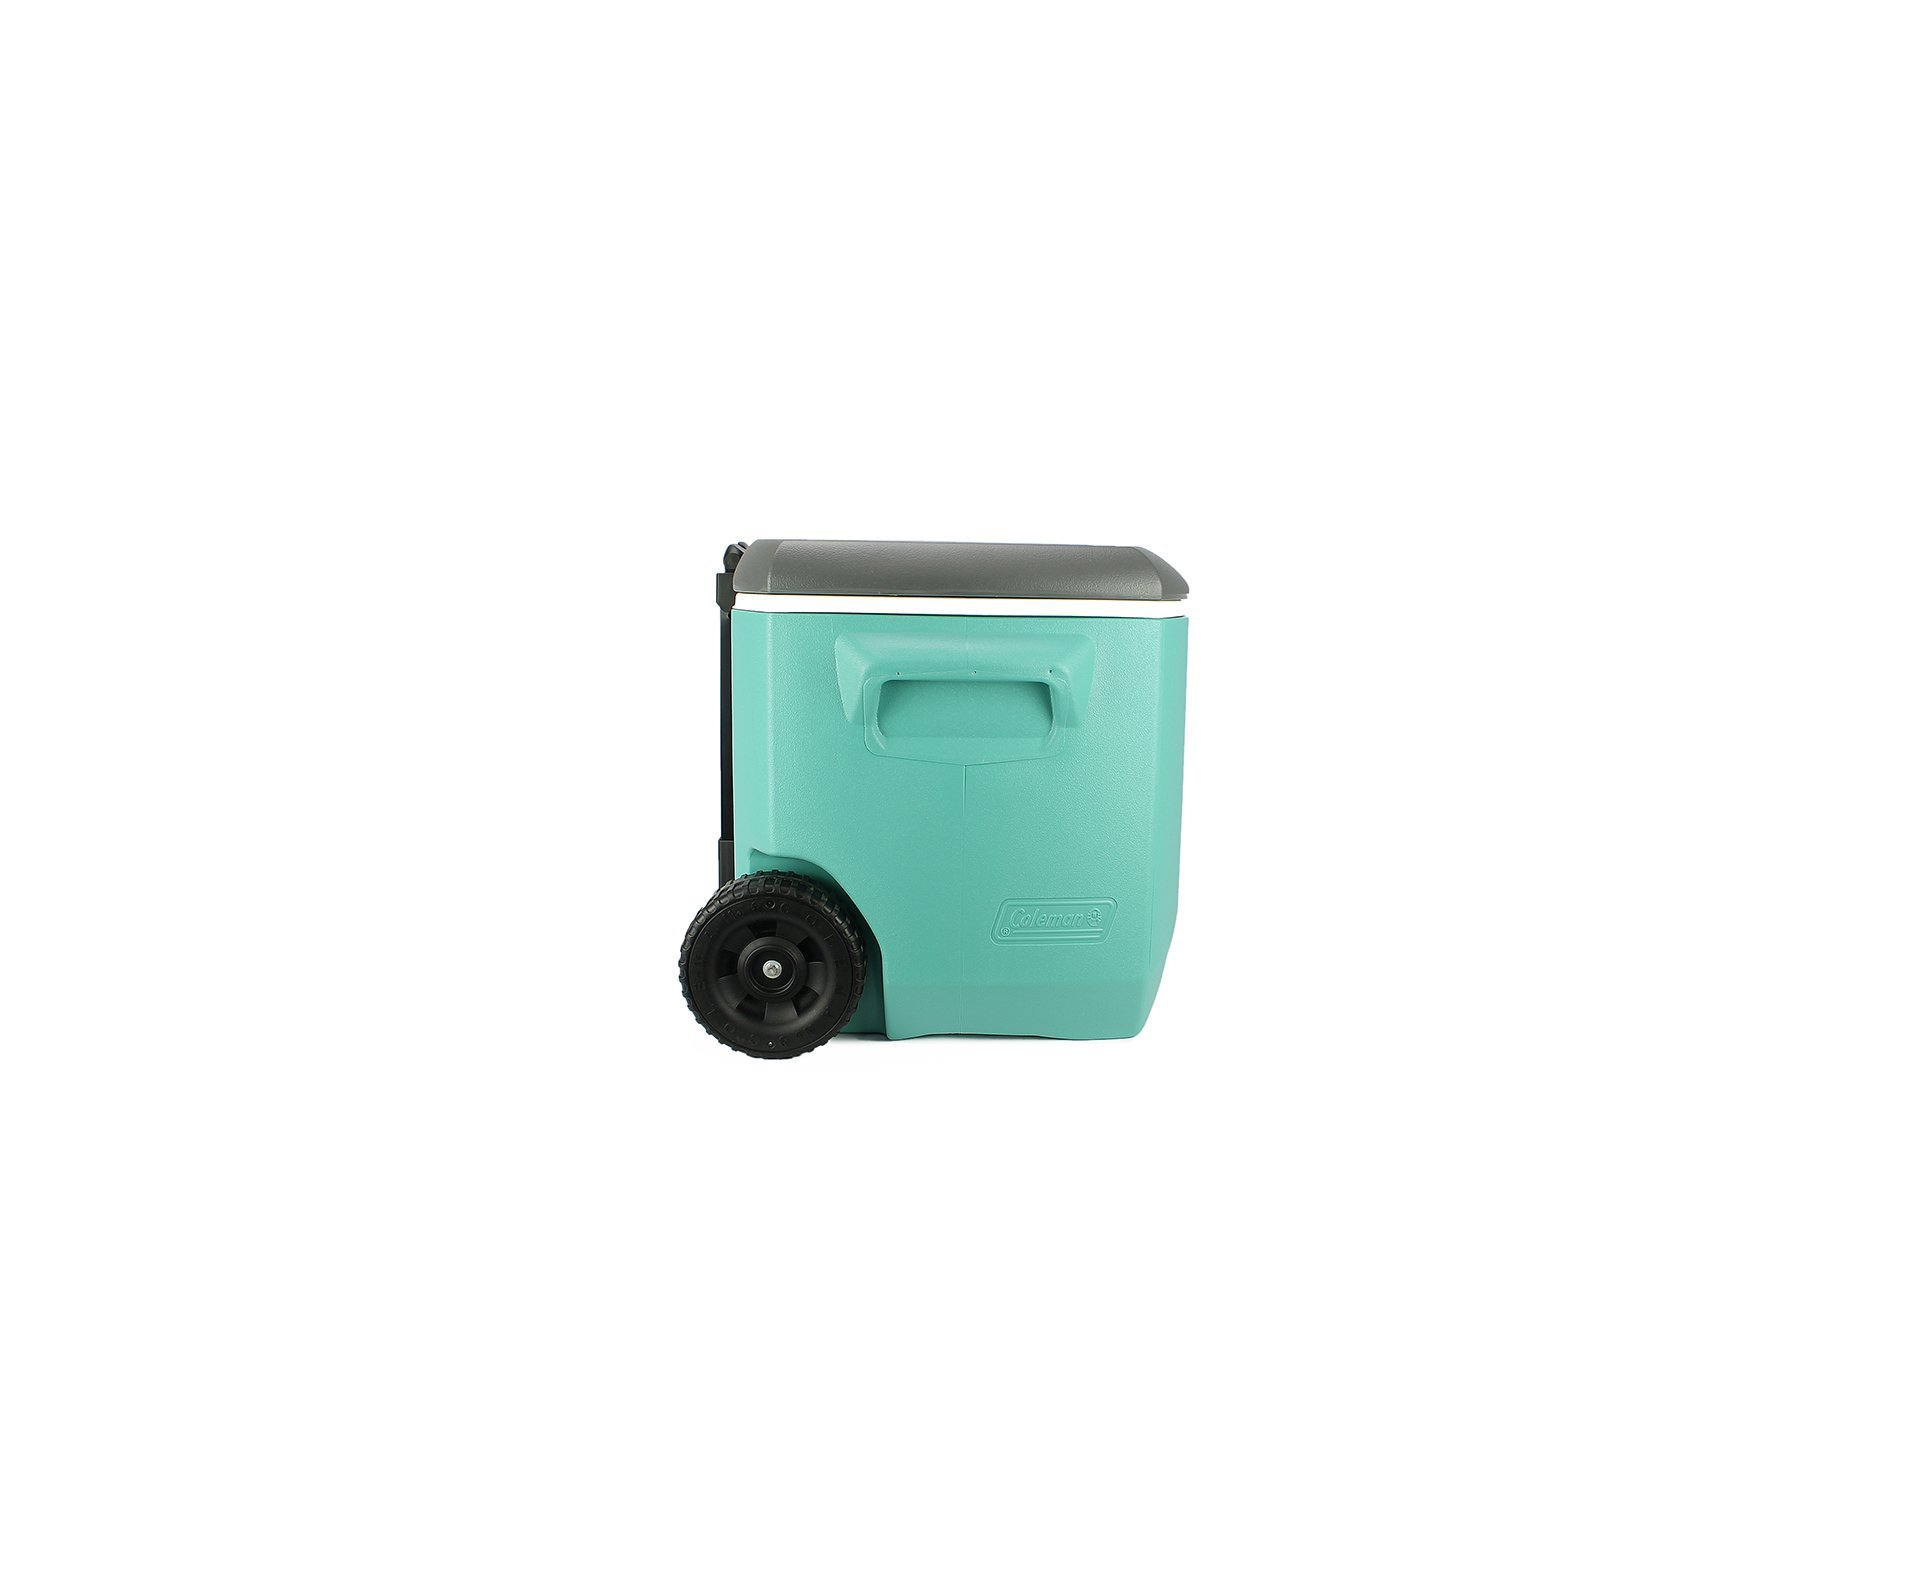 Caixa Termica Coleman 60qt 56,7litros Com Alça E Rodas - Vd/br/cz